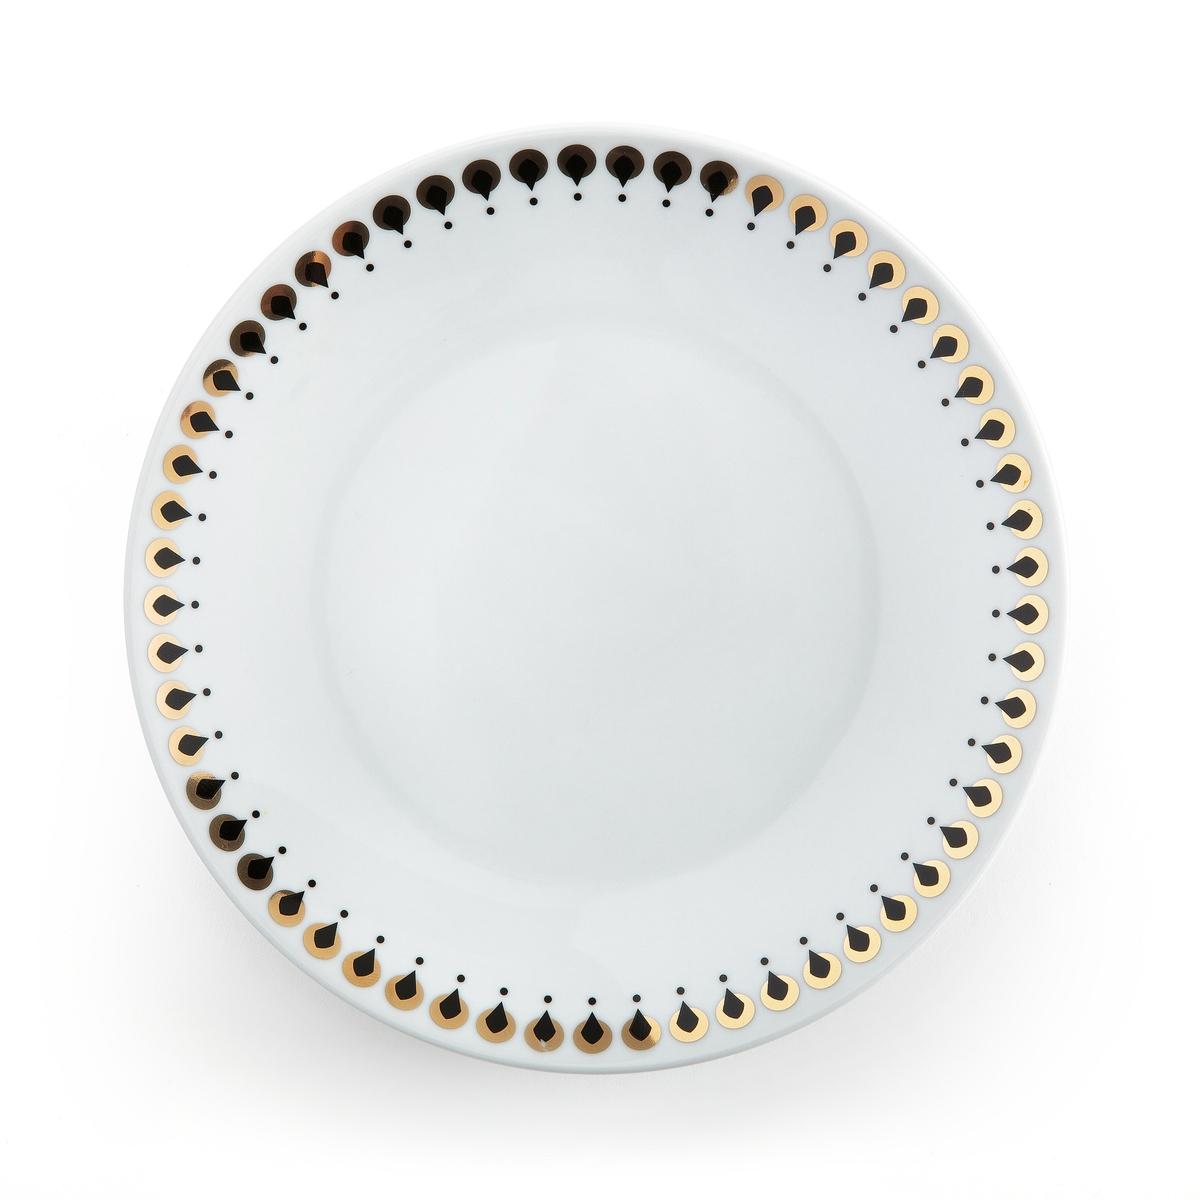 4 десертные тарелки, MELLAHОписание:4 десертные тарелки Mellah . С десертными тарелками Mellah на вашем столе будет царить праздник и изысканная атмосфера .Описание 4 десертных тарелок Mellah :Фарфор с декором .Подходят для посудомоечной машины, не подходят для микроволновой печи  .Размер 1 тарелки Mellah :Диаметр. 19,2 смНайдите всю коллекцию Art de la table Mellah на сайте laredoute .ru.<br><br>Цвет: рисунок + белый